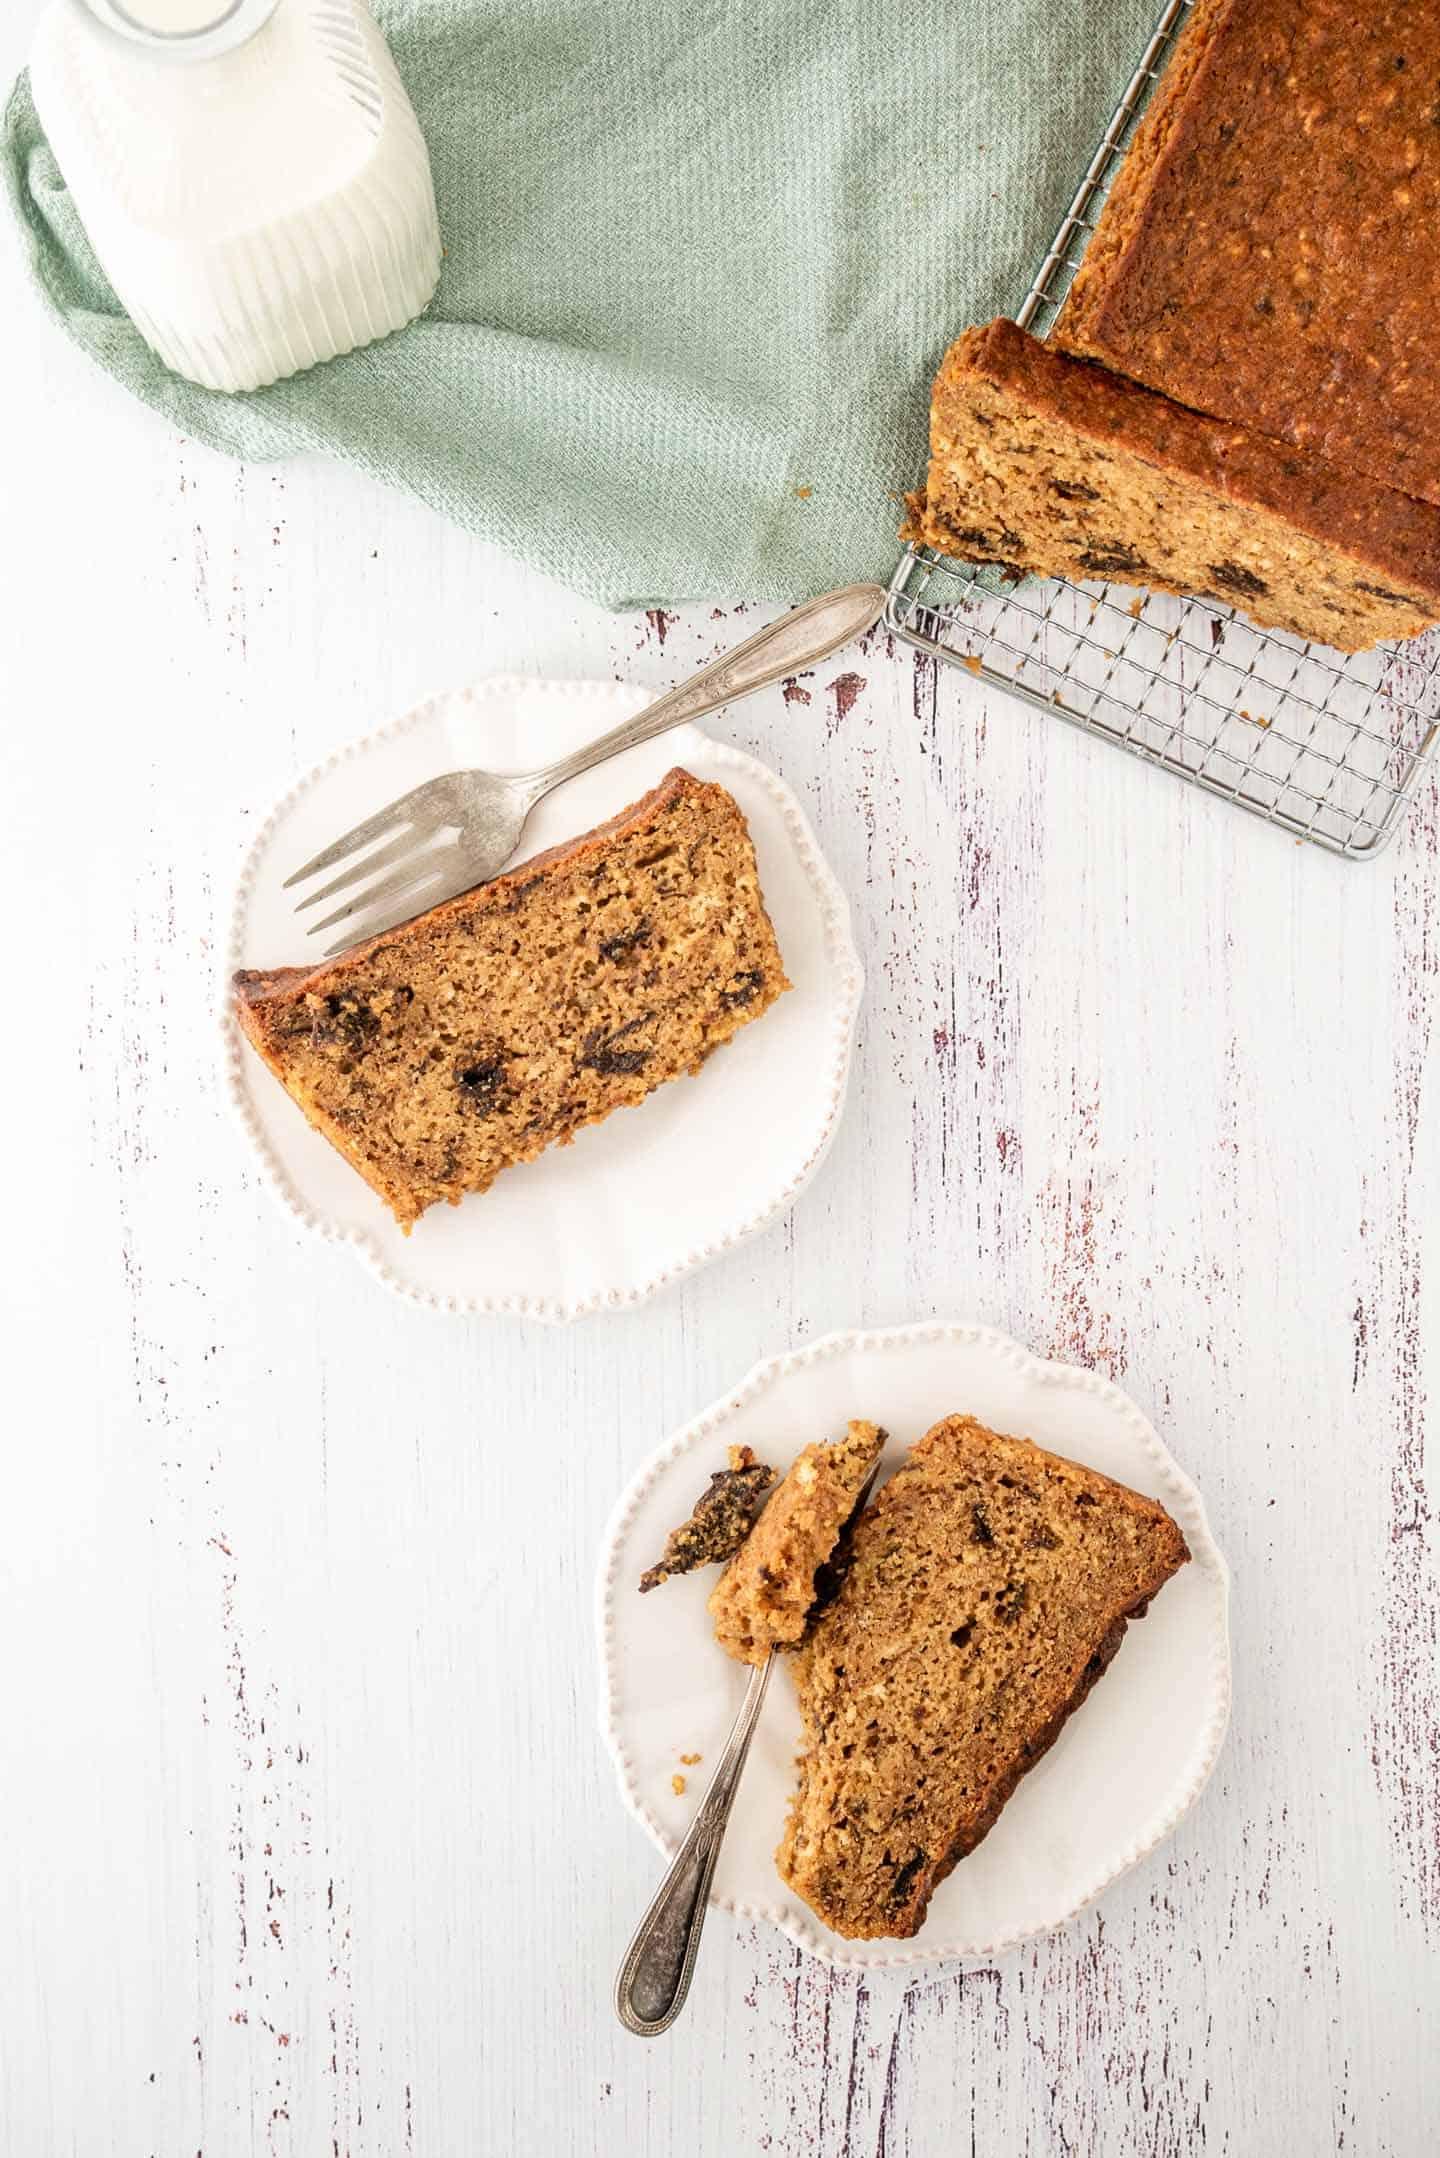 Dos porciones en platos blancos, con la torta de ciruelas sobre una rejilla en una esquina y una toalla verde en la otra